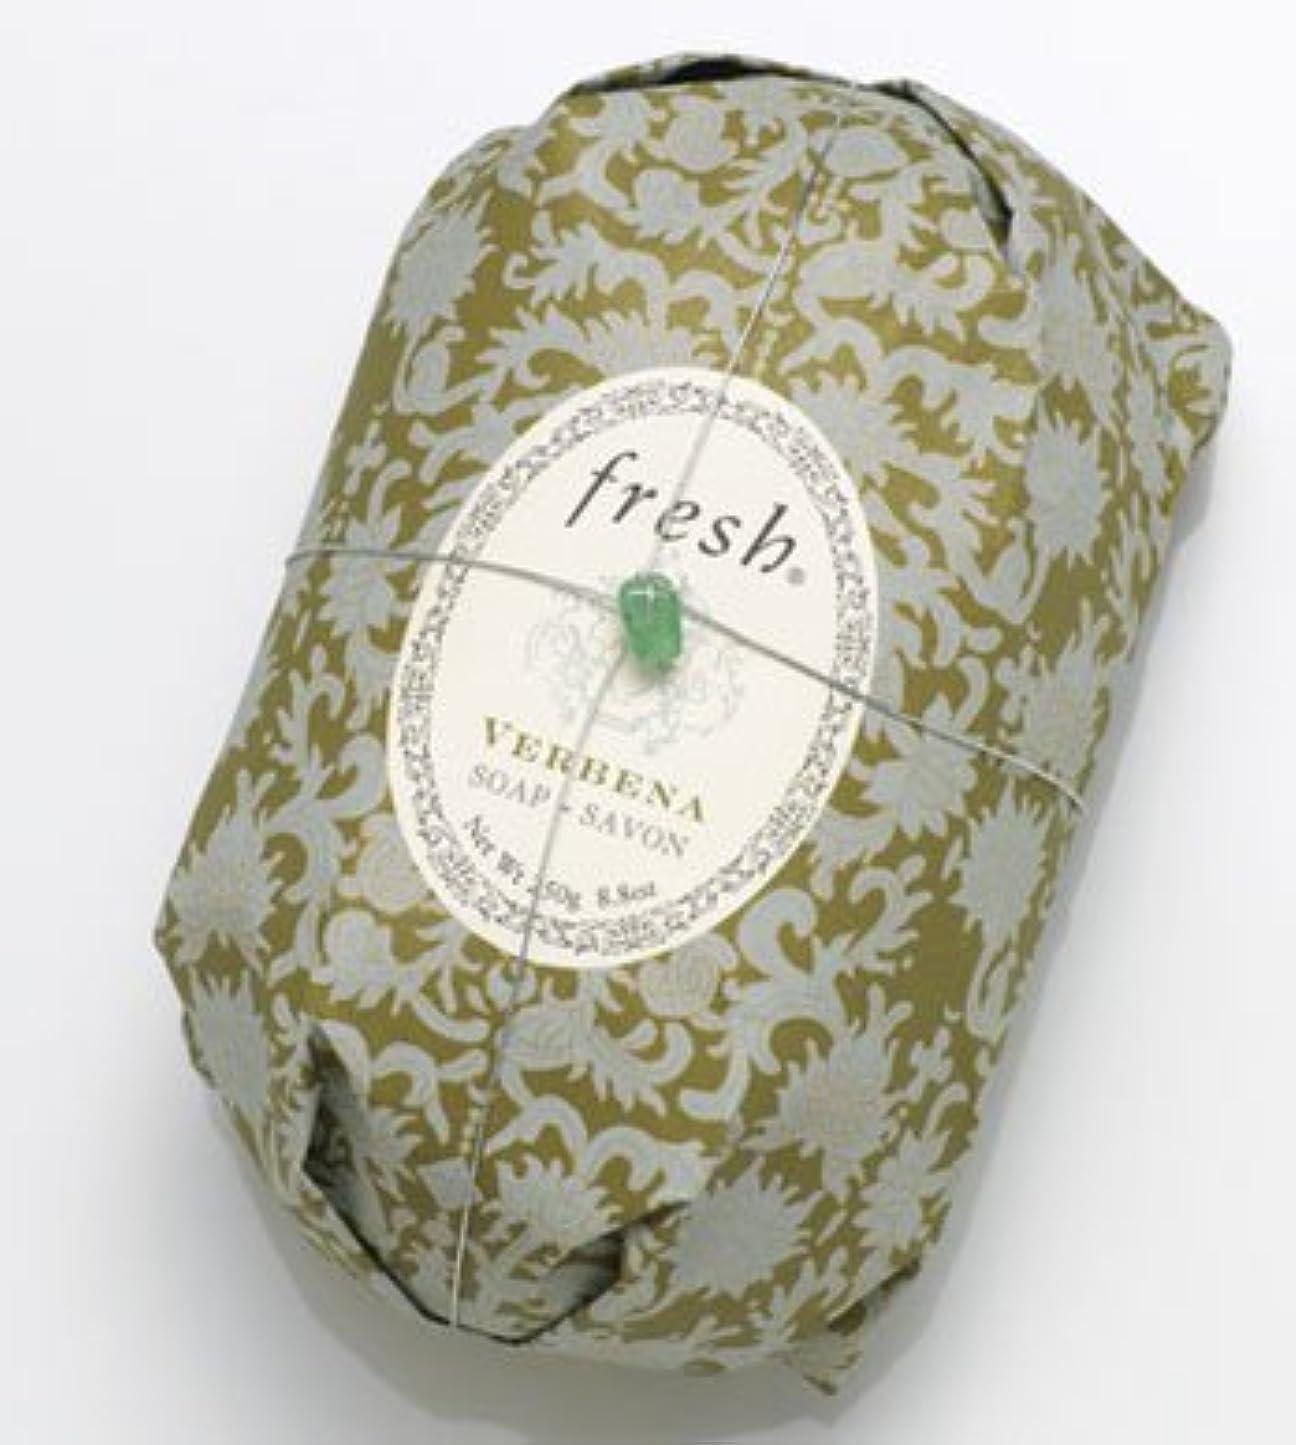 アコー廊下脅威Fresh VERBENA SOAP (フレッシュ バーベナ ソープ) 8.8 oz (250g) Soap (石鹸) by Fresh